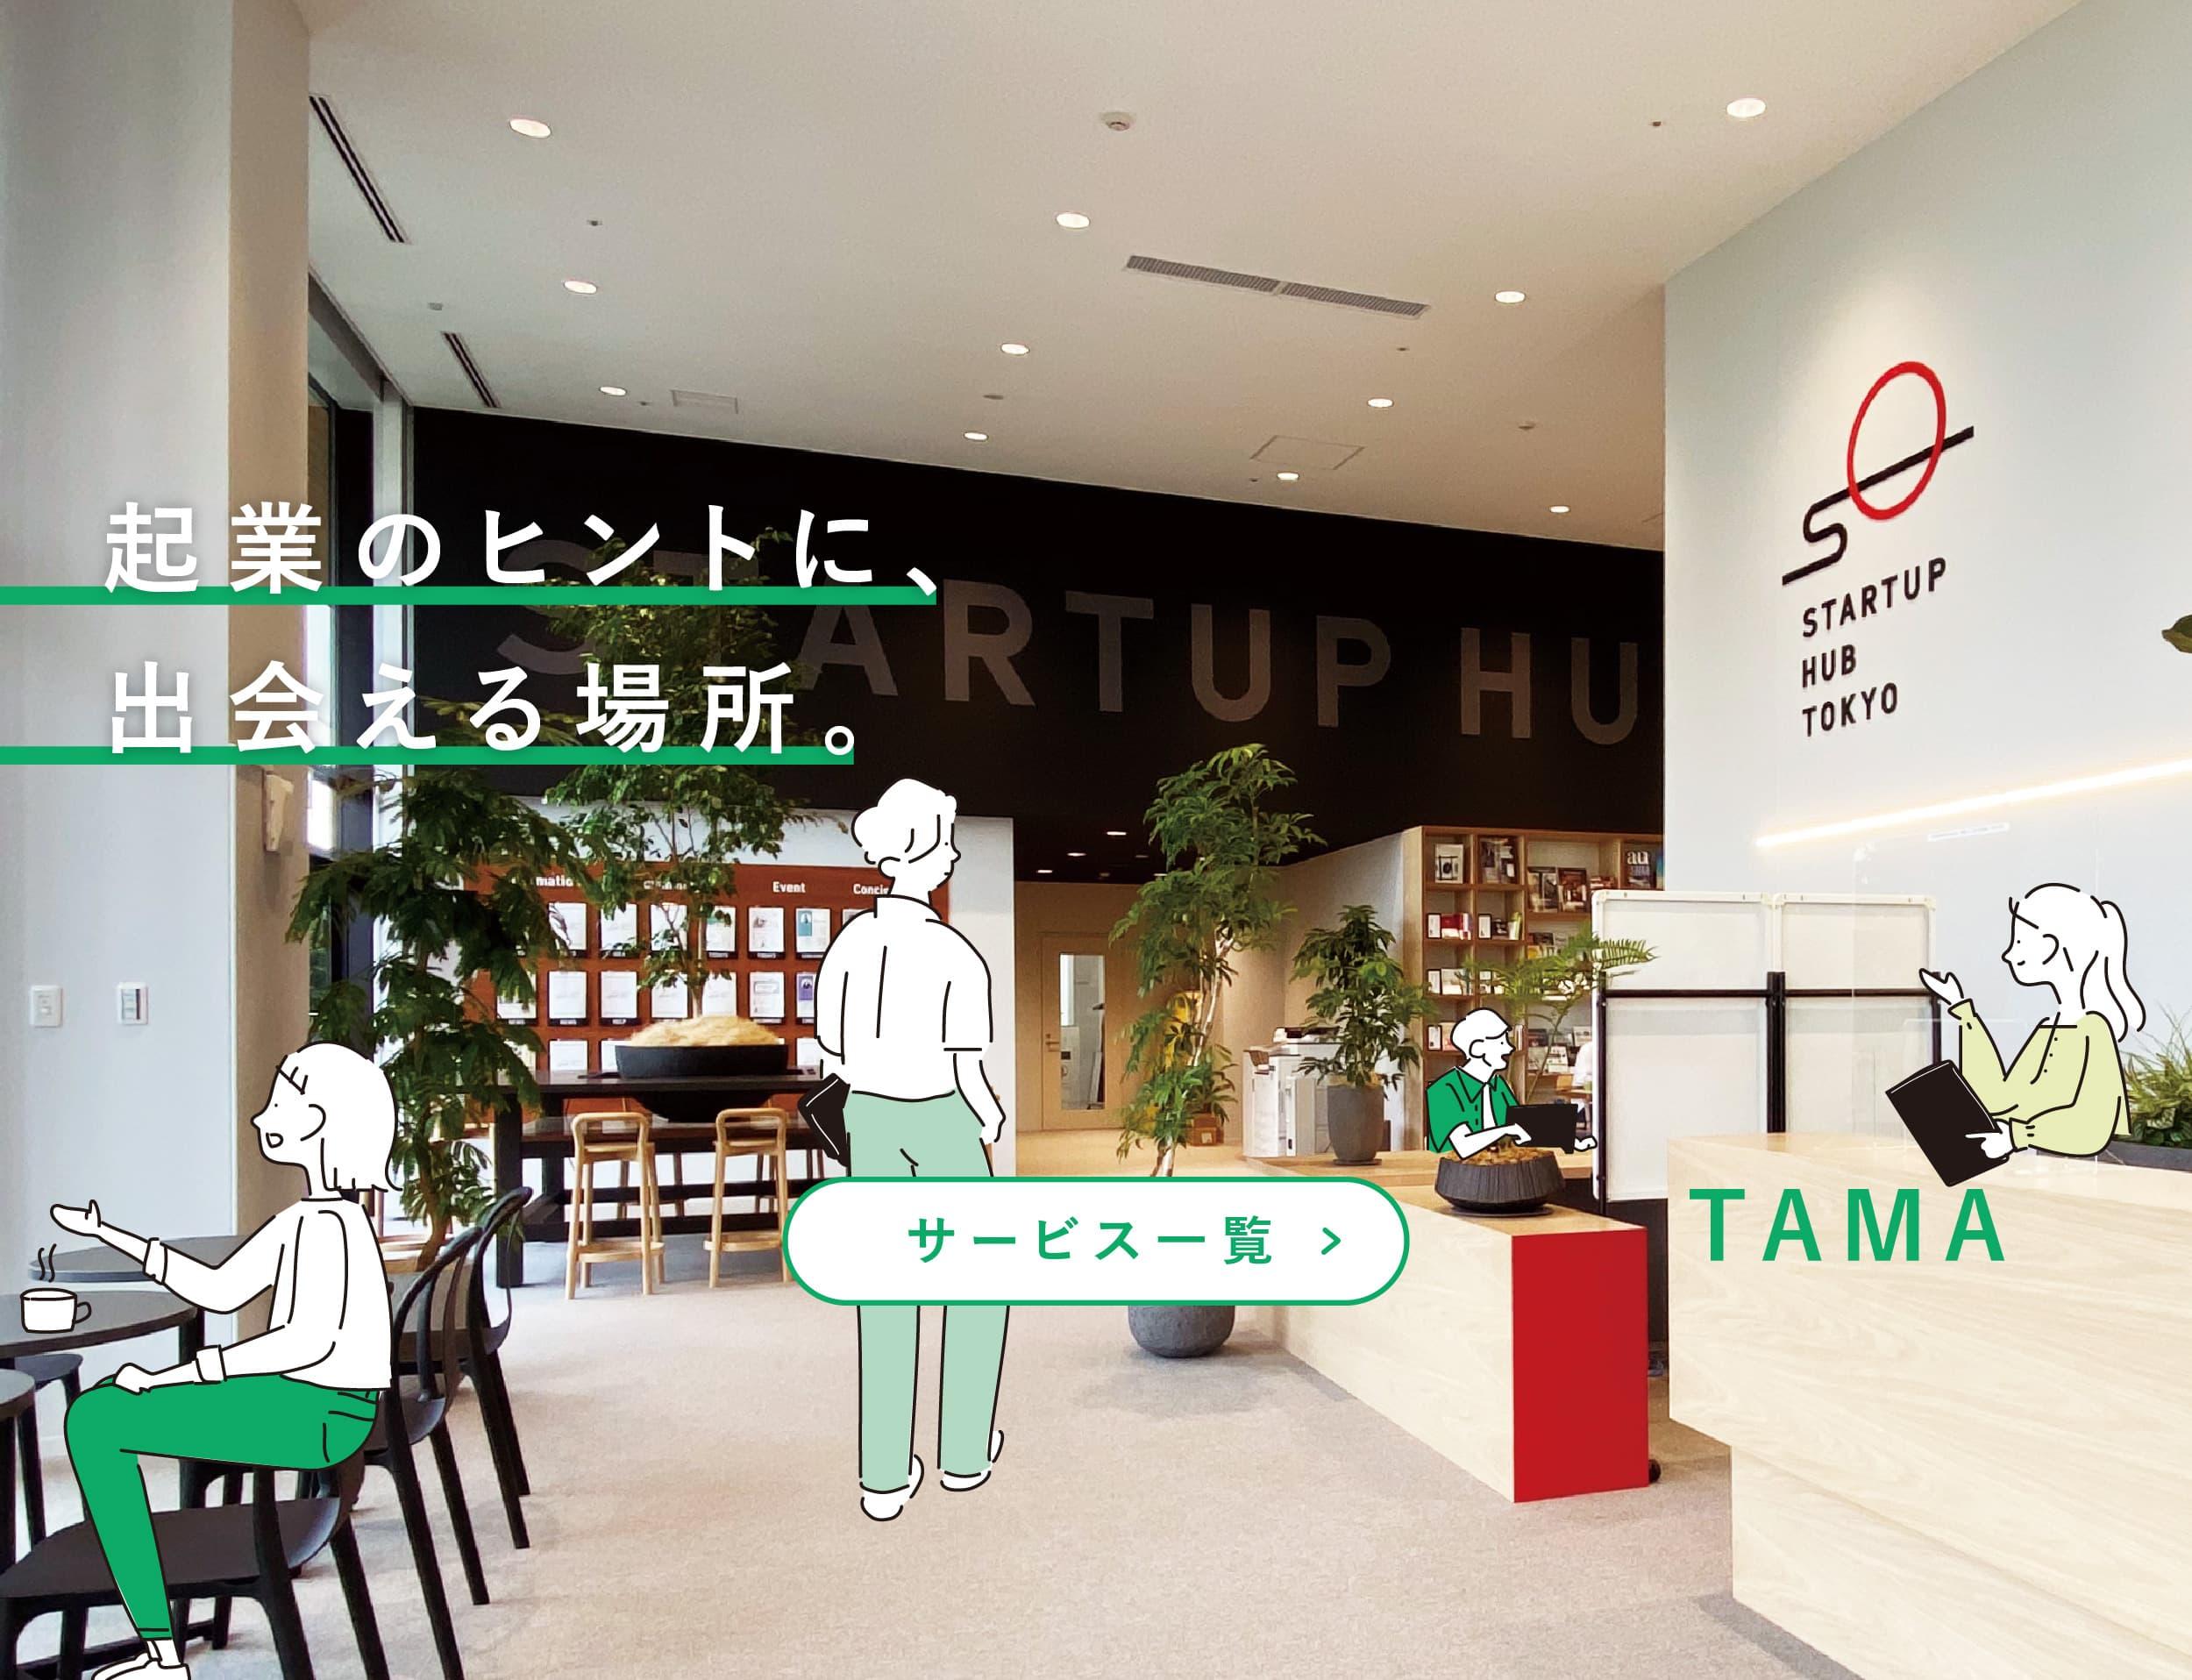 起業のヒントに、出会える場所